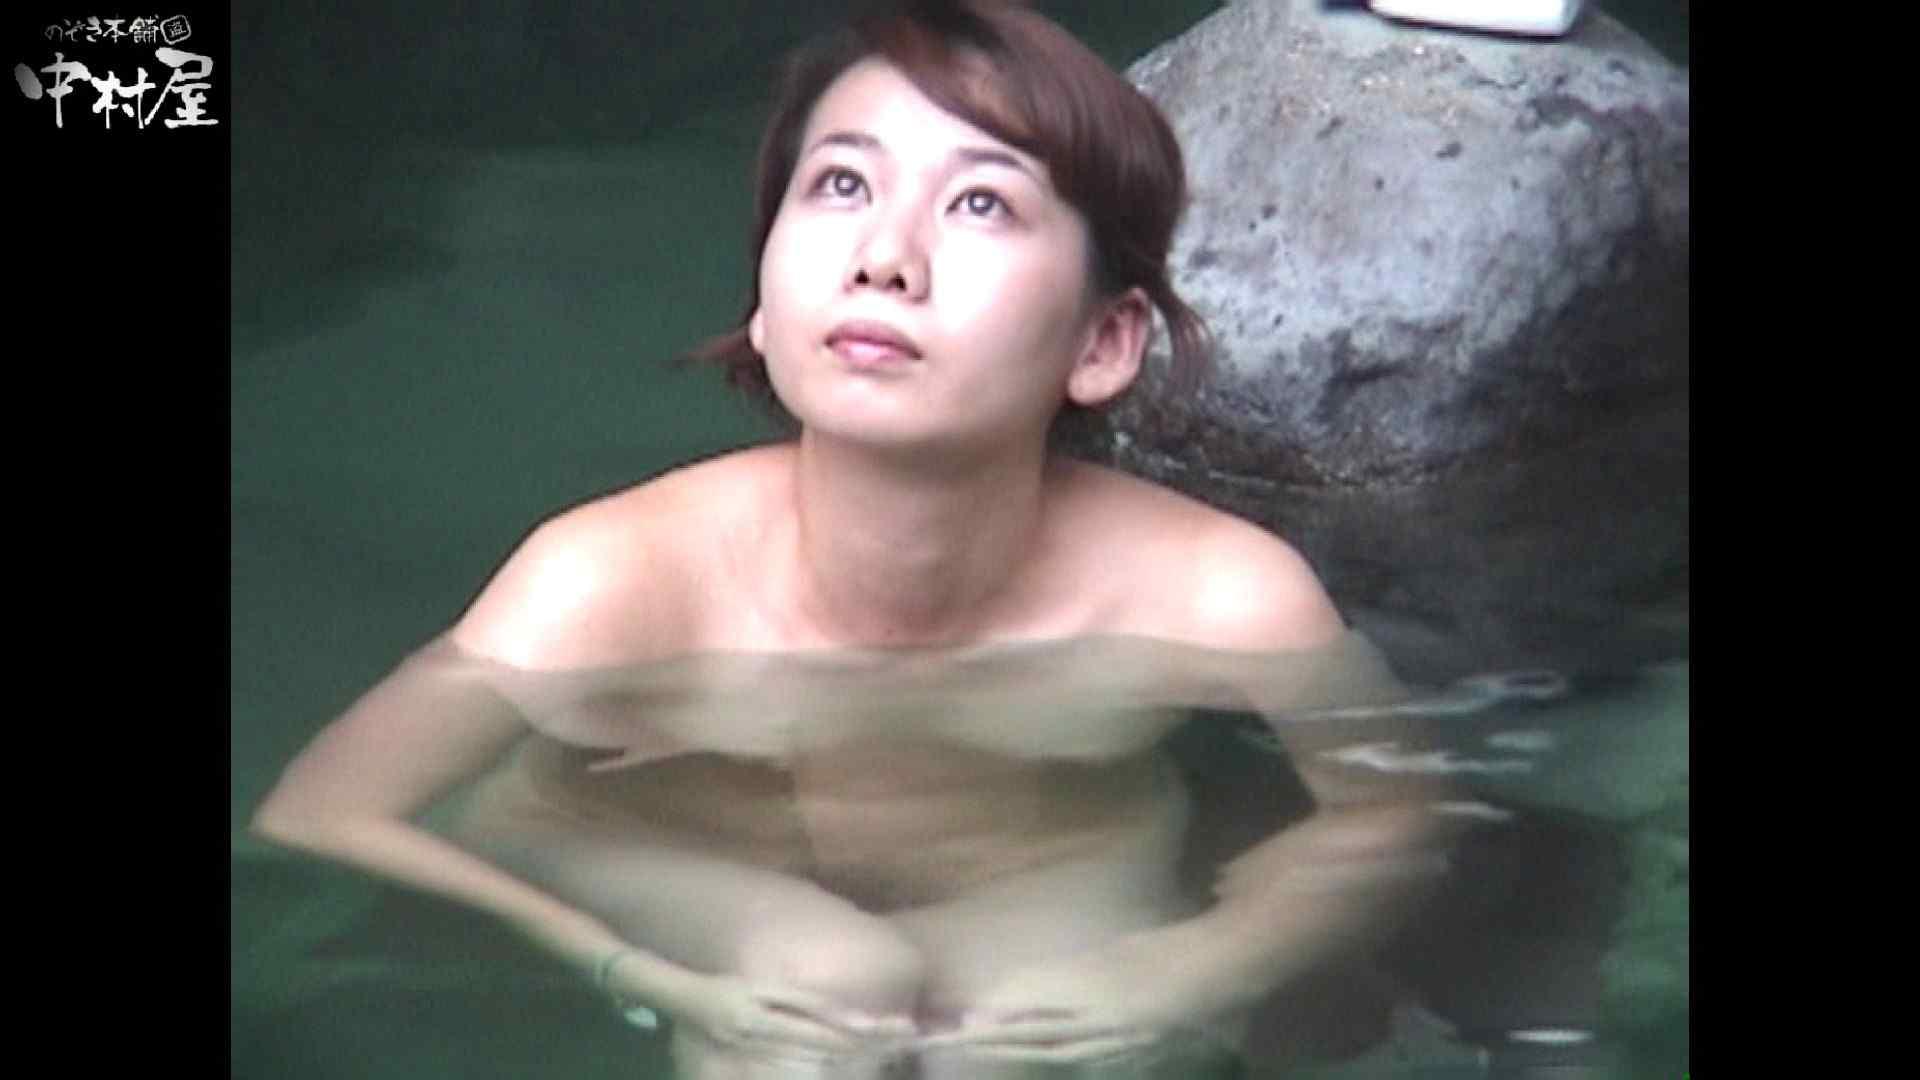 Aquaな露天風呂Vol.951 盗撮 | OLのエロ生活  80連発 34